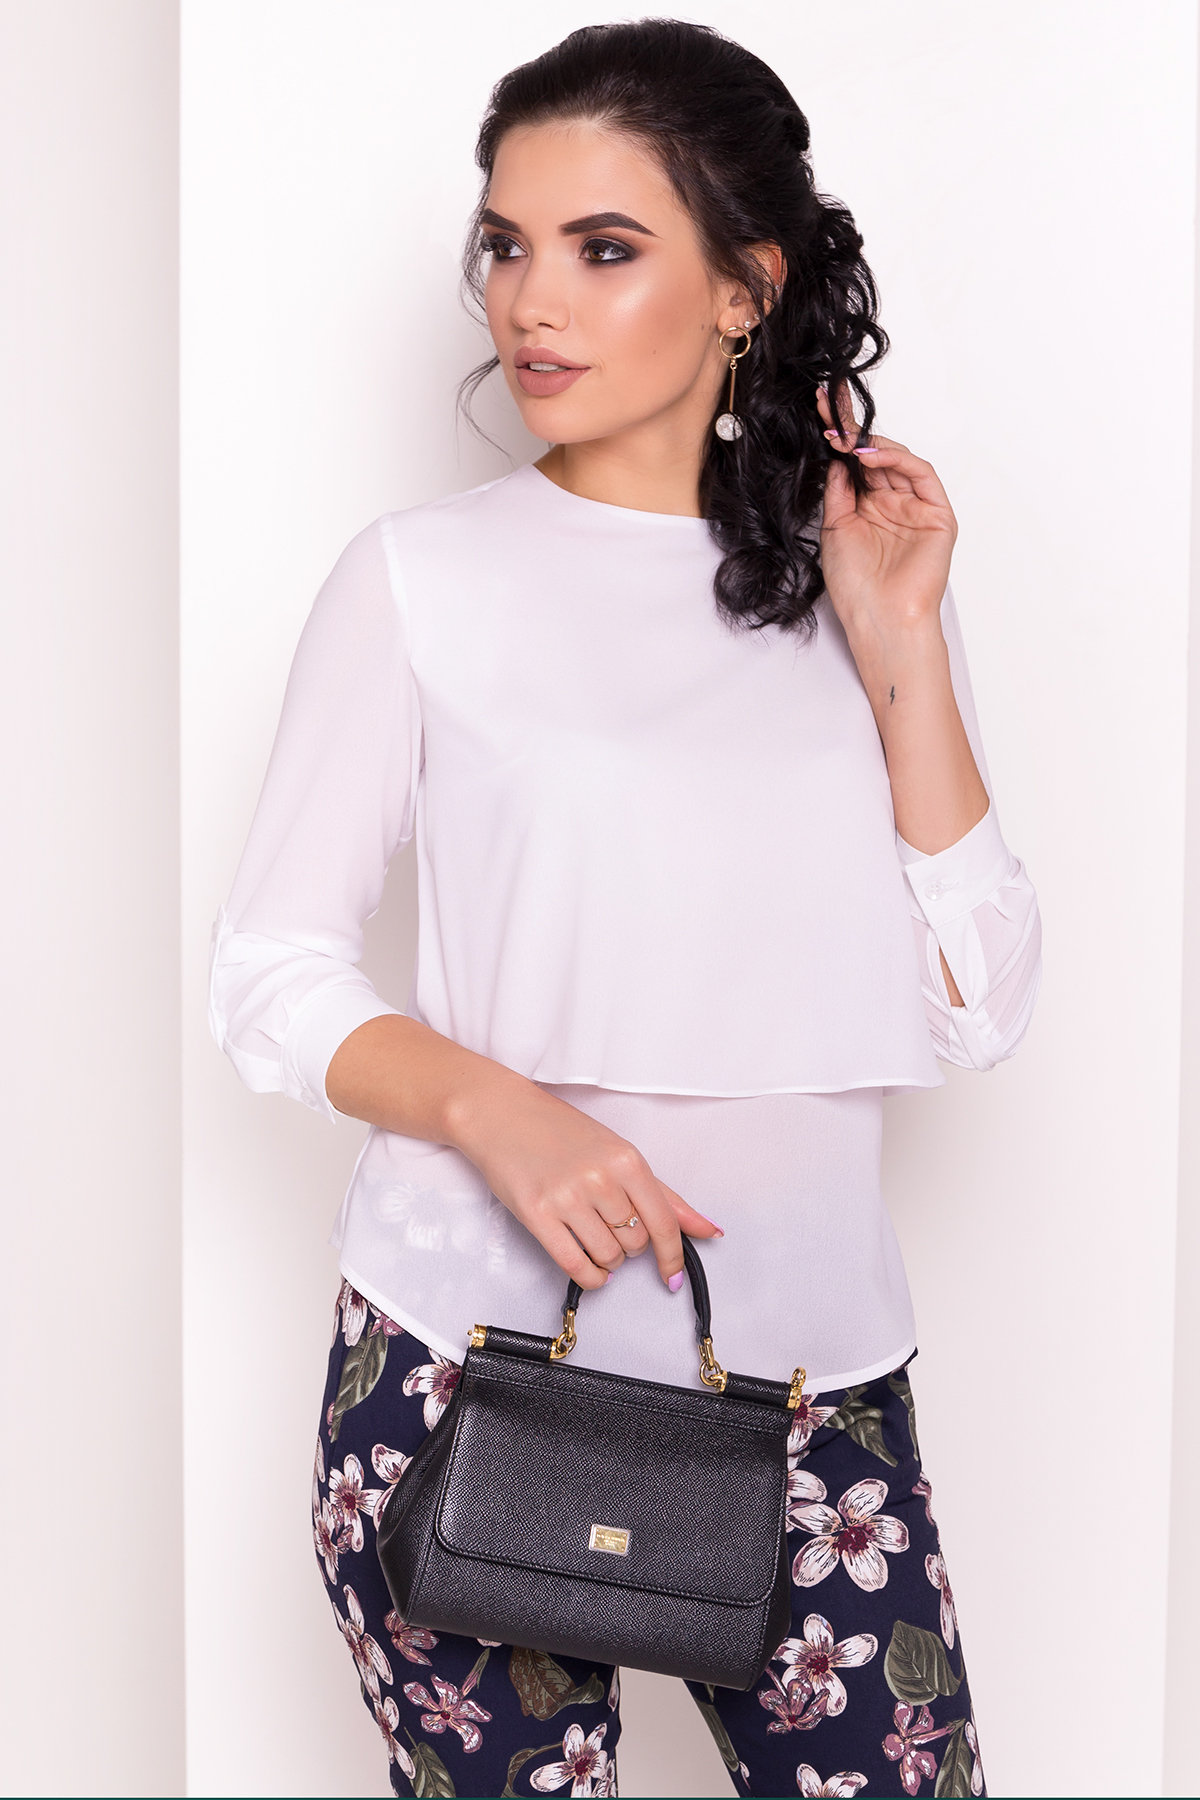 Офисная блузка с длинным рукавом Ноа лайт 5274 Цвет: Белый